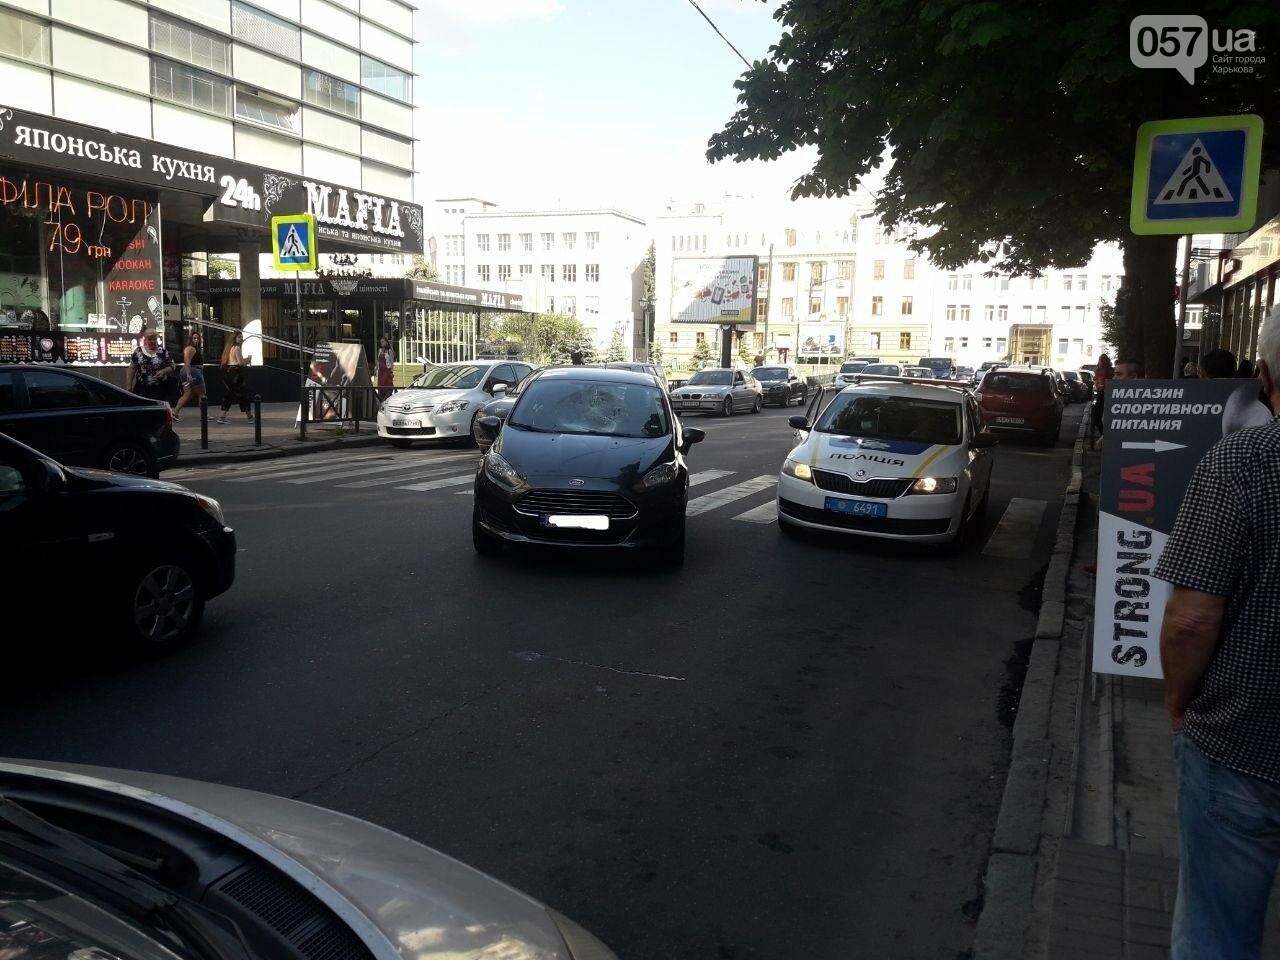 """На """"Пушкинской"""" легковое авто сбило пешехода на """"зебре"""": пострадавший в больнице, - ФОТО, фото-2"""